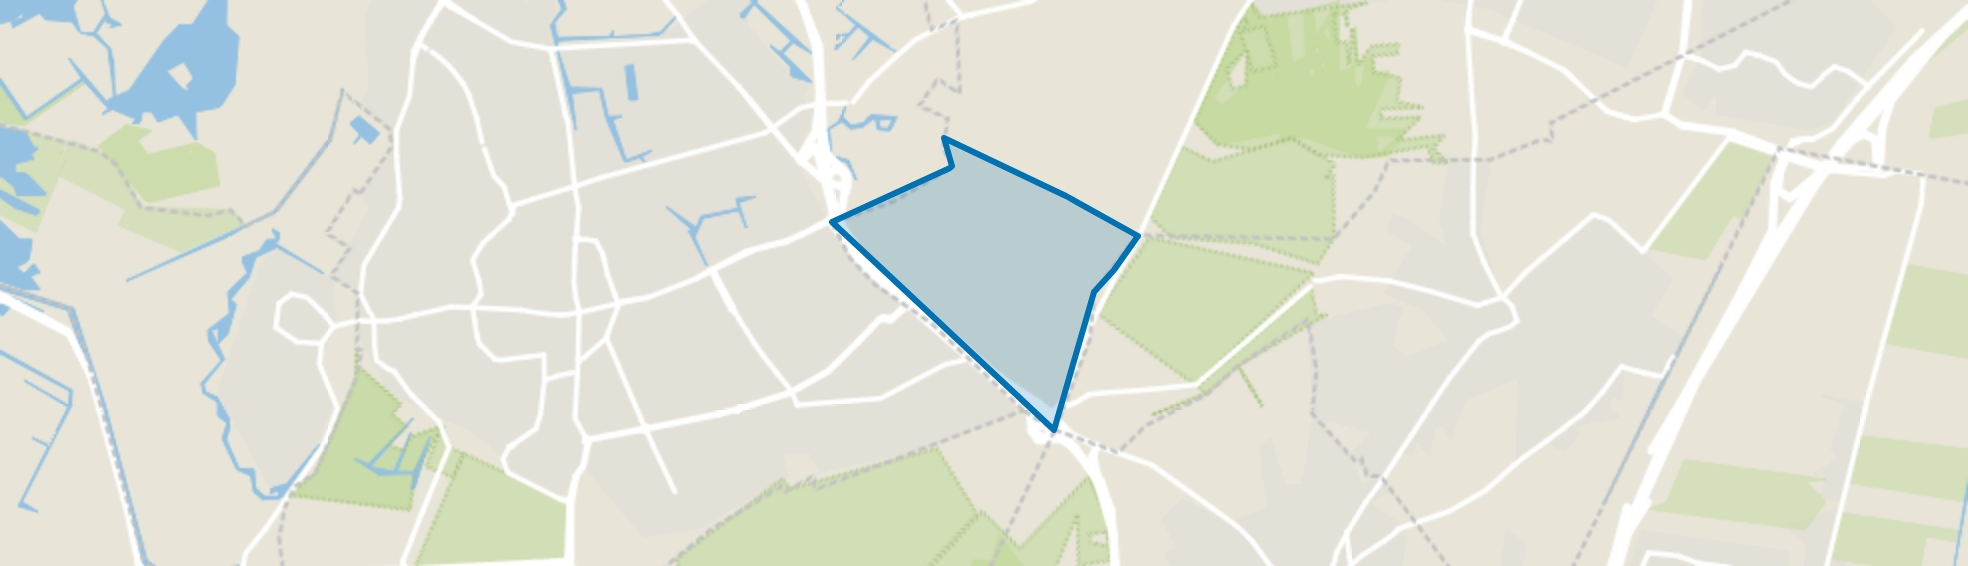 Crailo, Huizen map